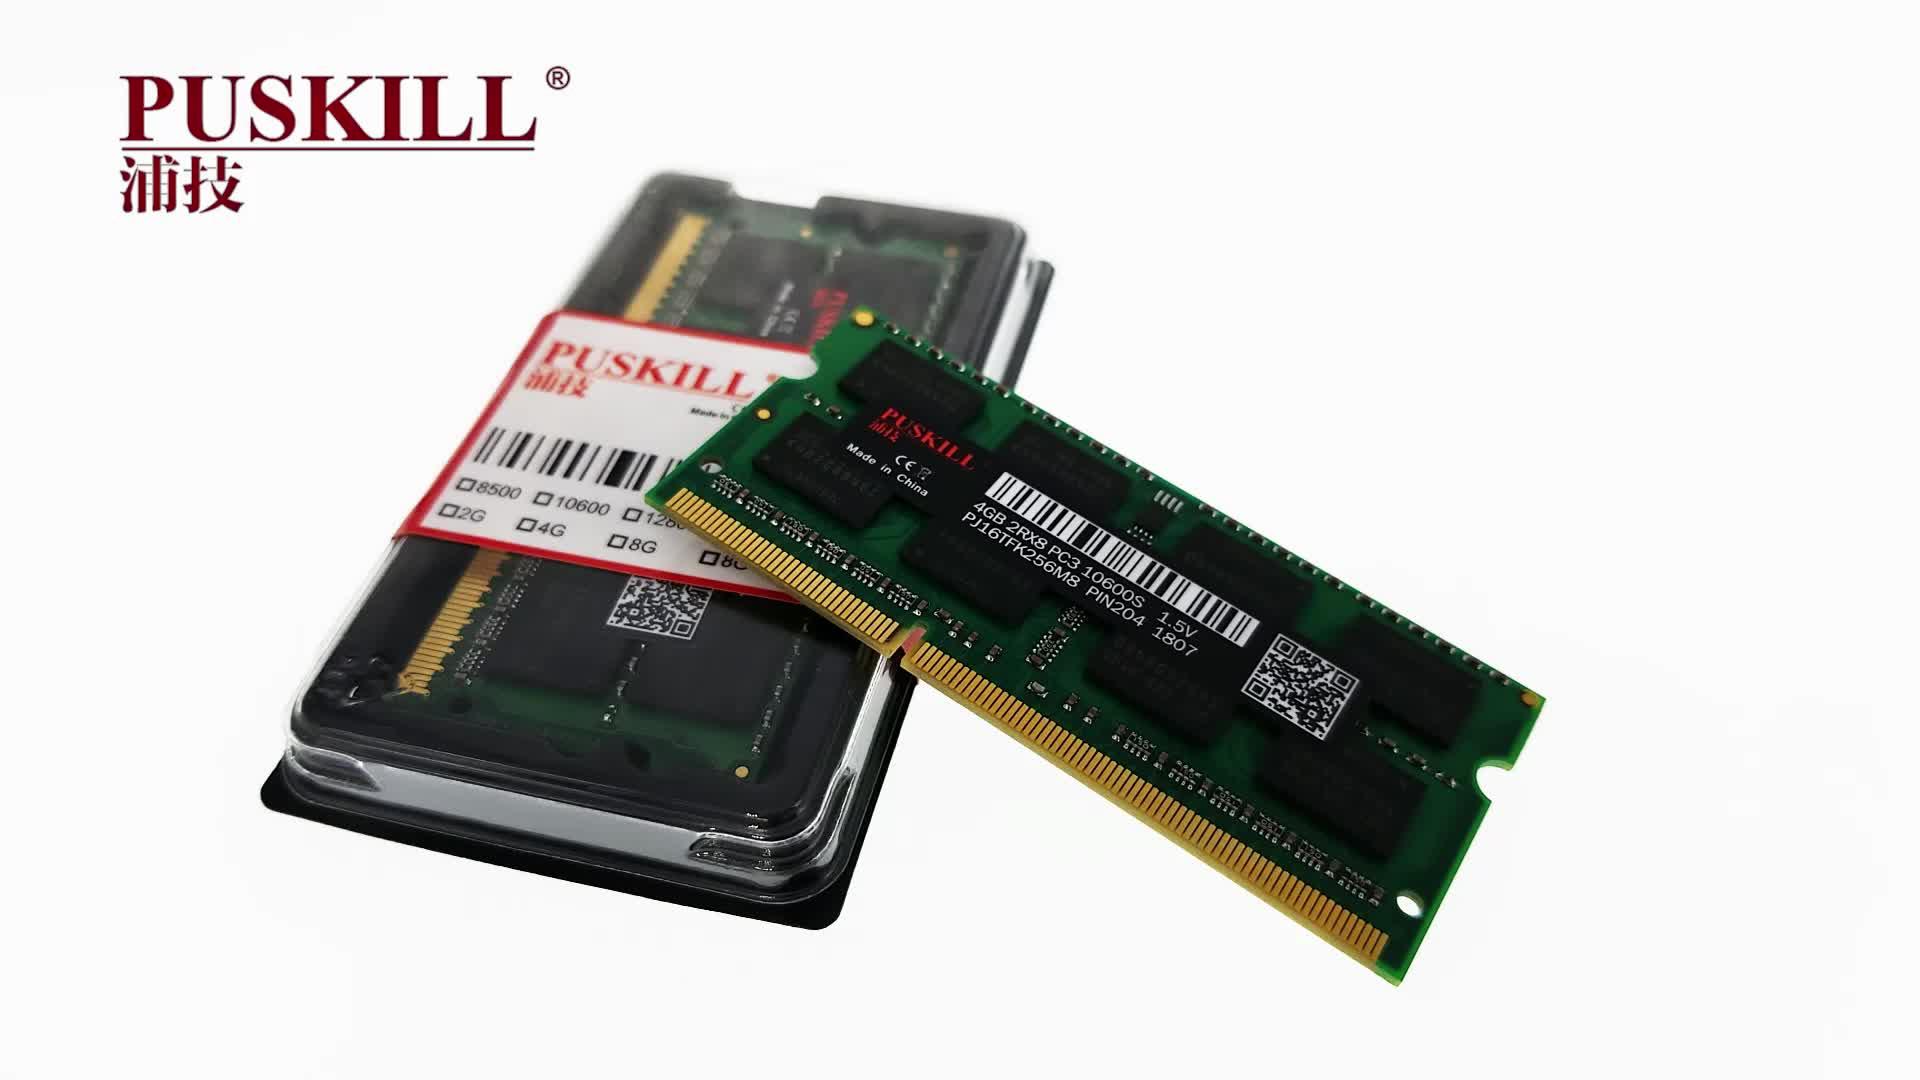 提供 OEM/ODM メモリモジュール DDR3 ギガバイト 2 PC3 10600 s 1333 mhz のノートパソコンのラム